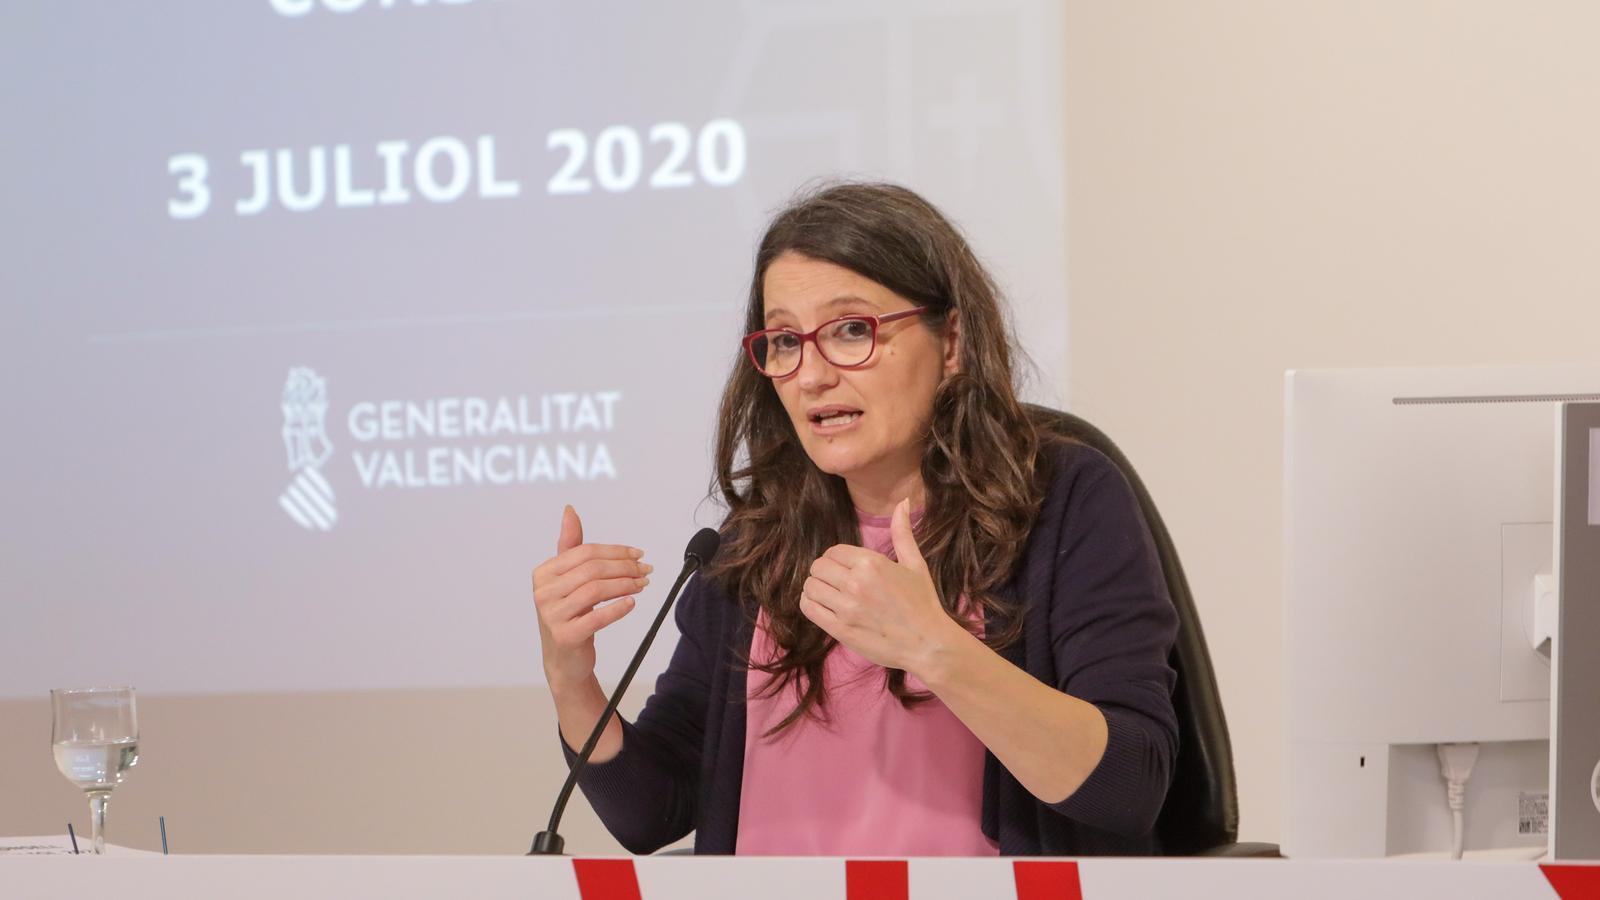 La vicepresidenta i portaveu del govern valencià, Mónica Oltra, en la conferència de premsa posterior a la reunió del Consell